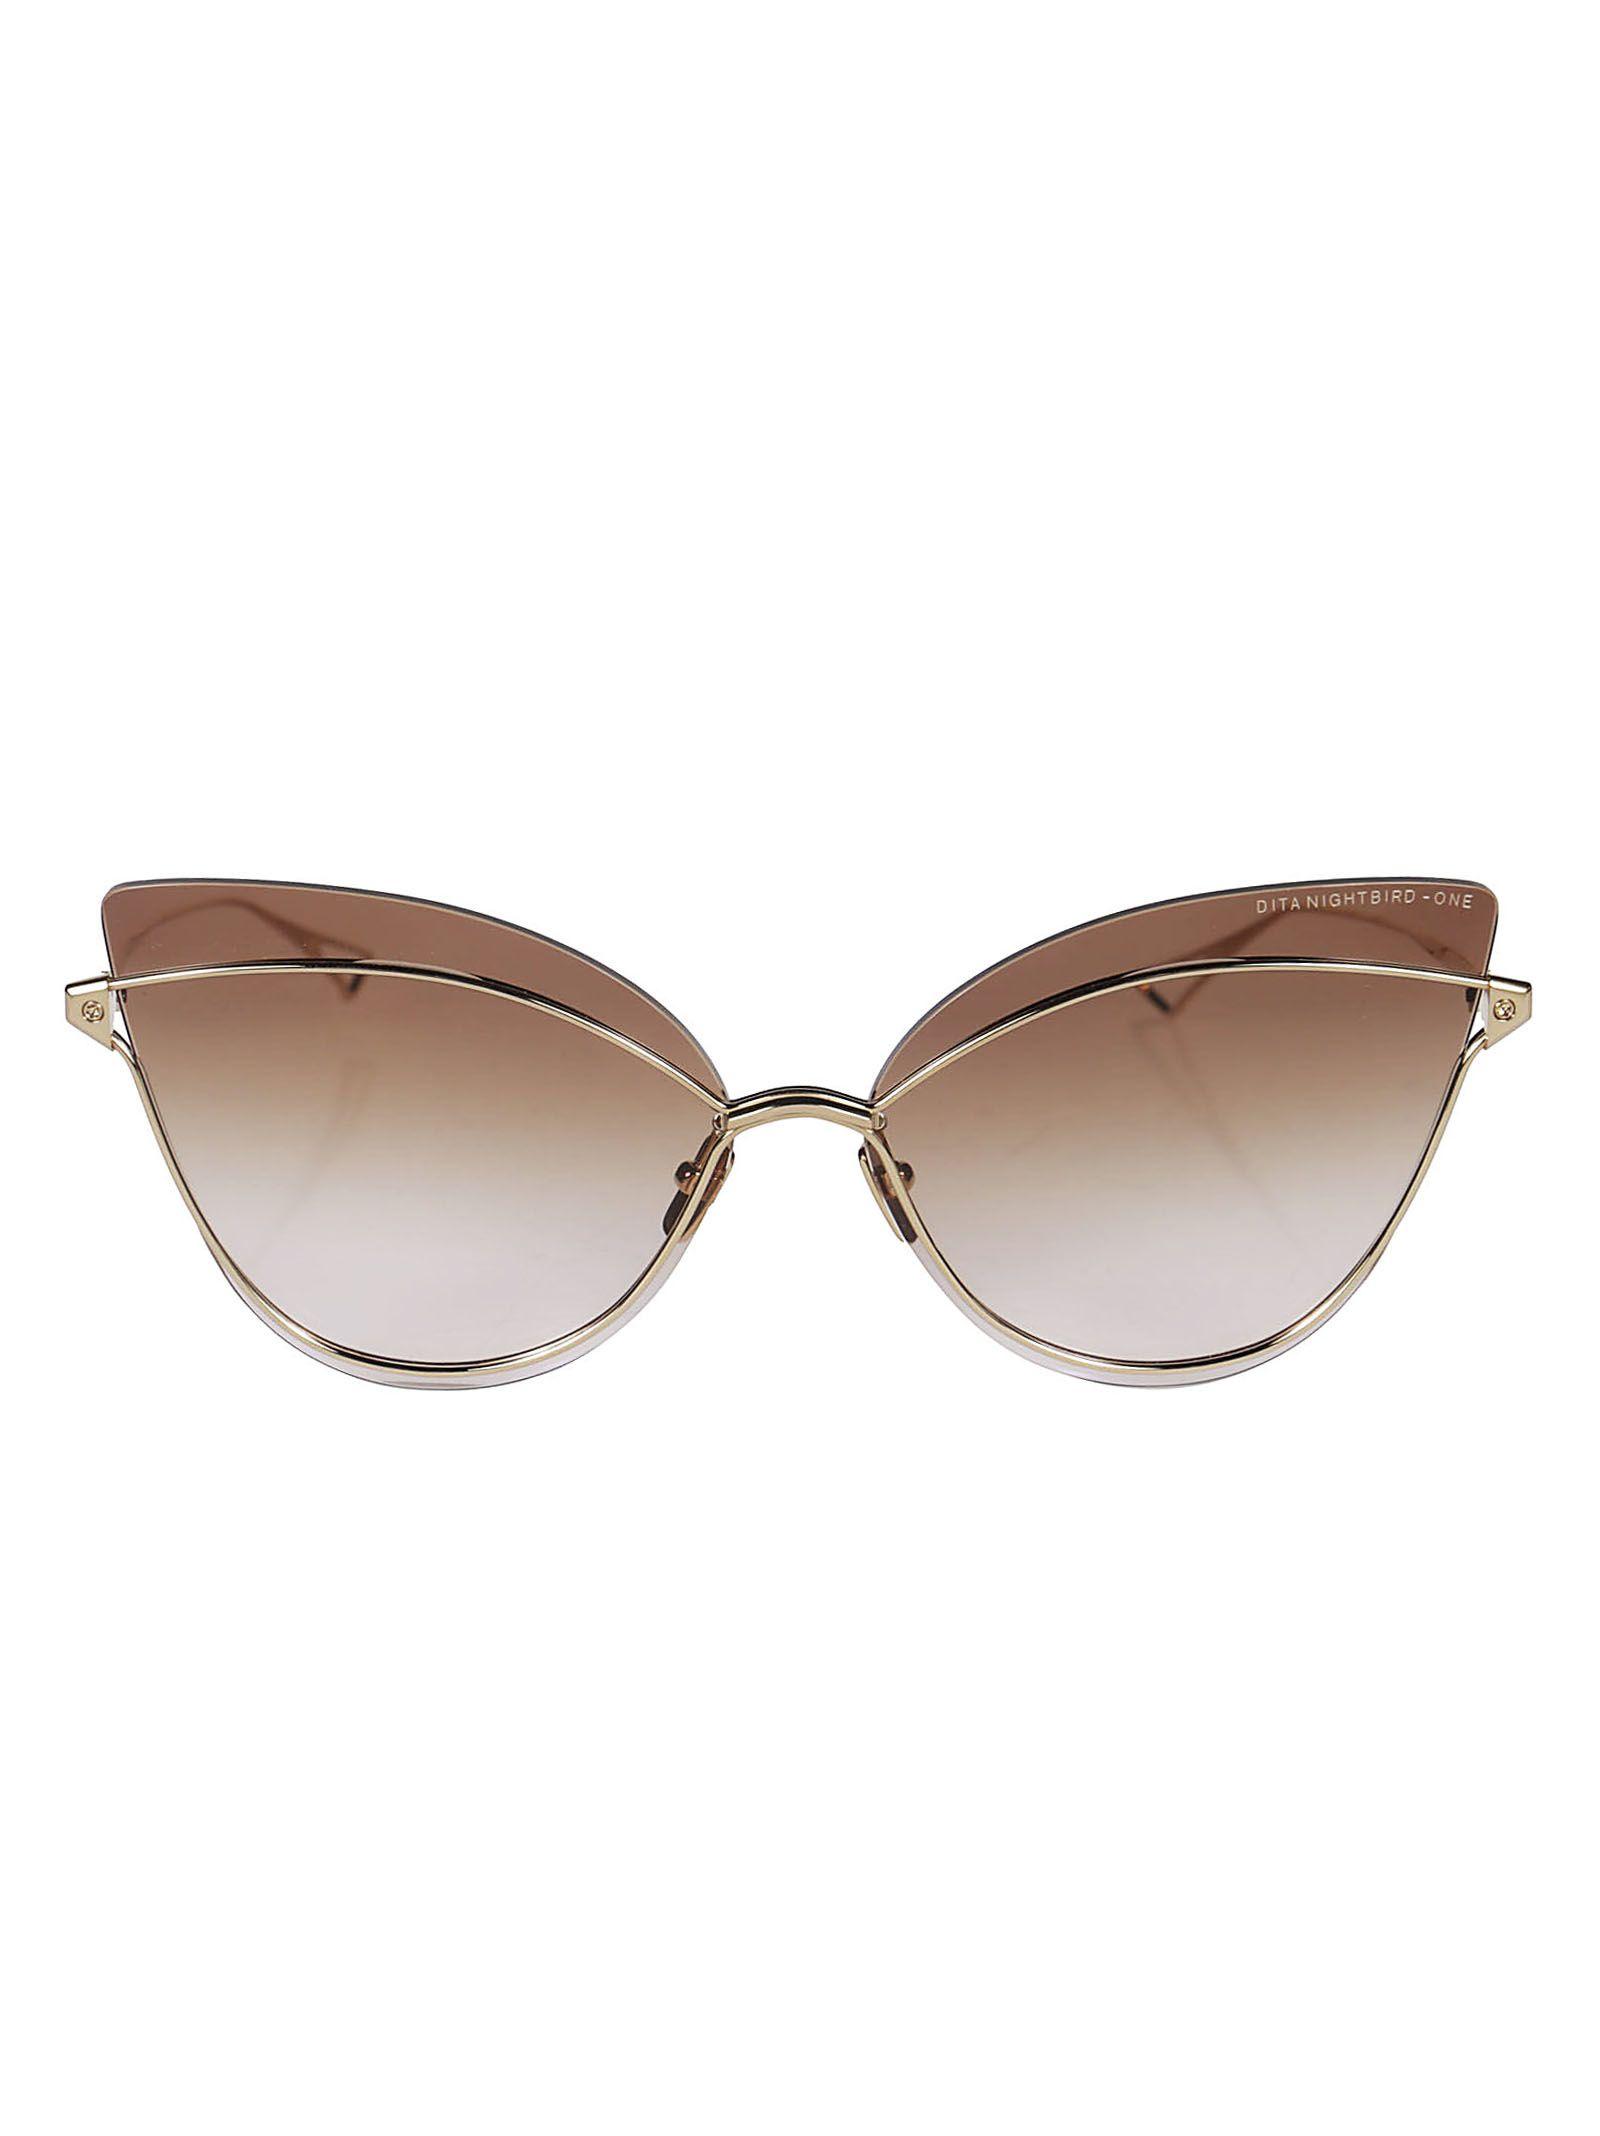 Dita Nightbird One Cat Eye Sunglasses